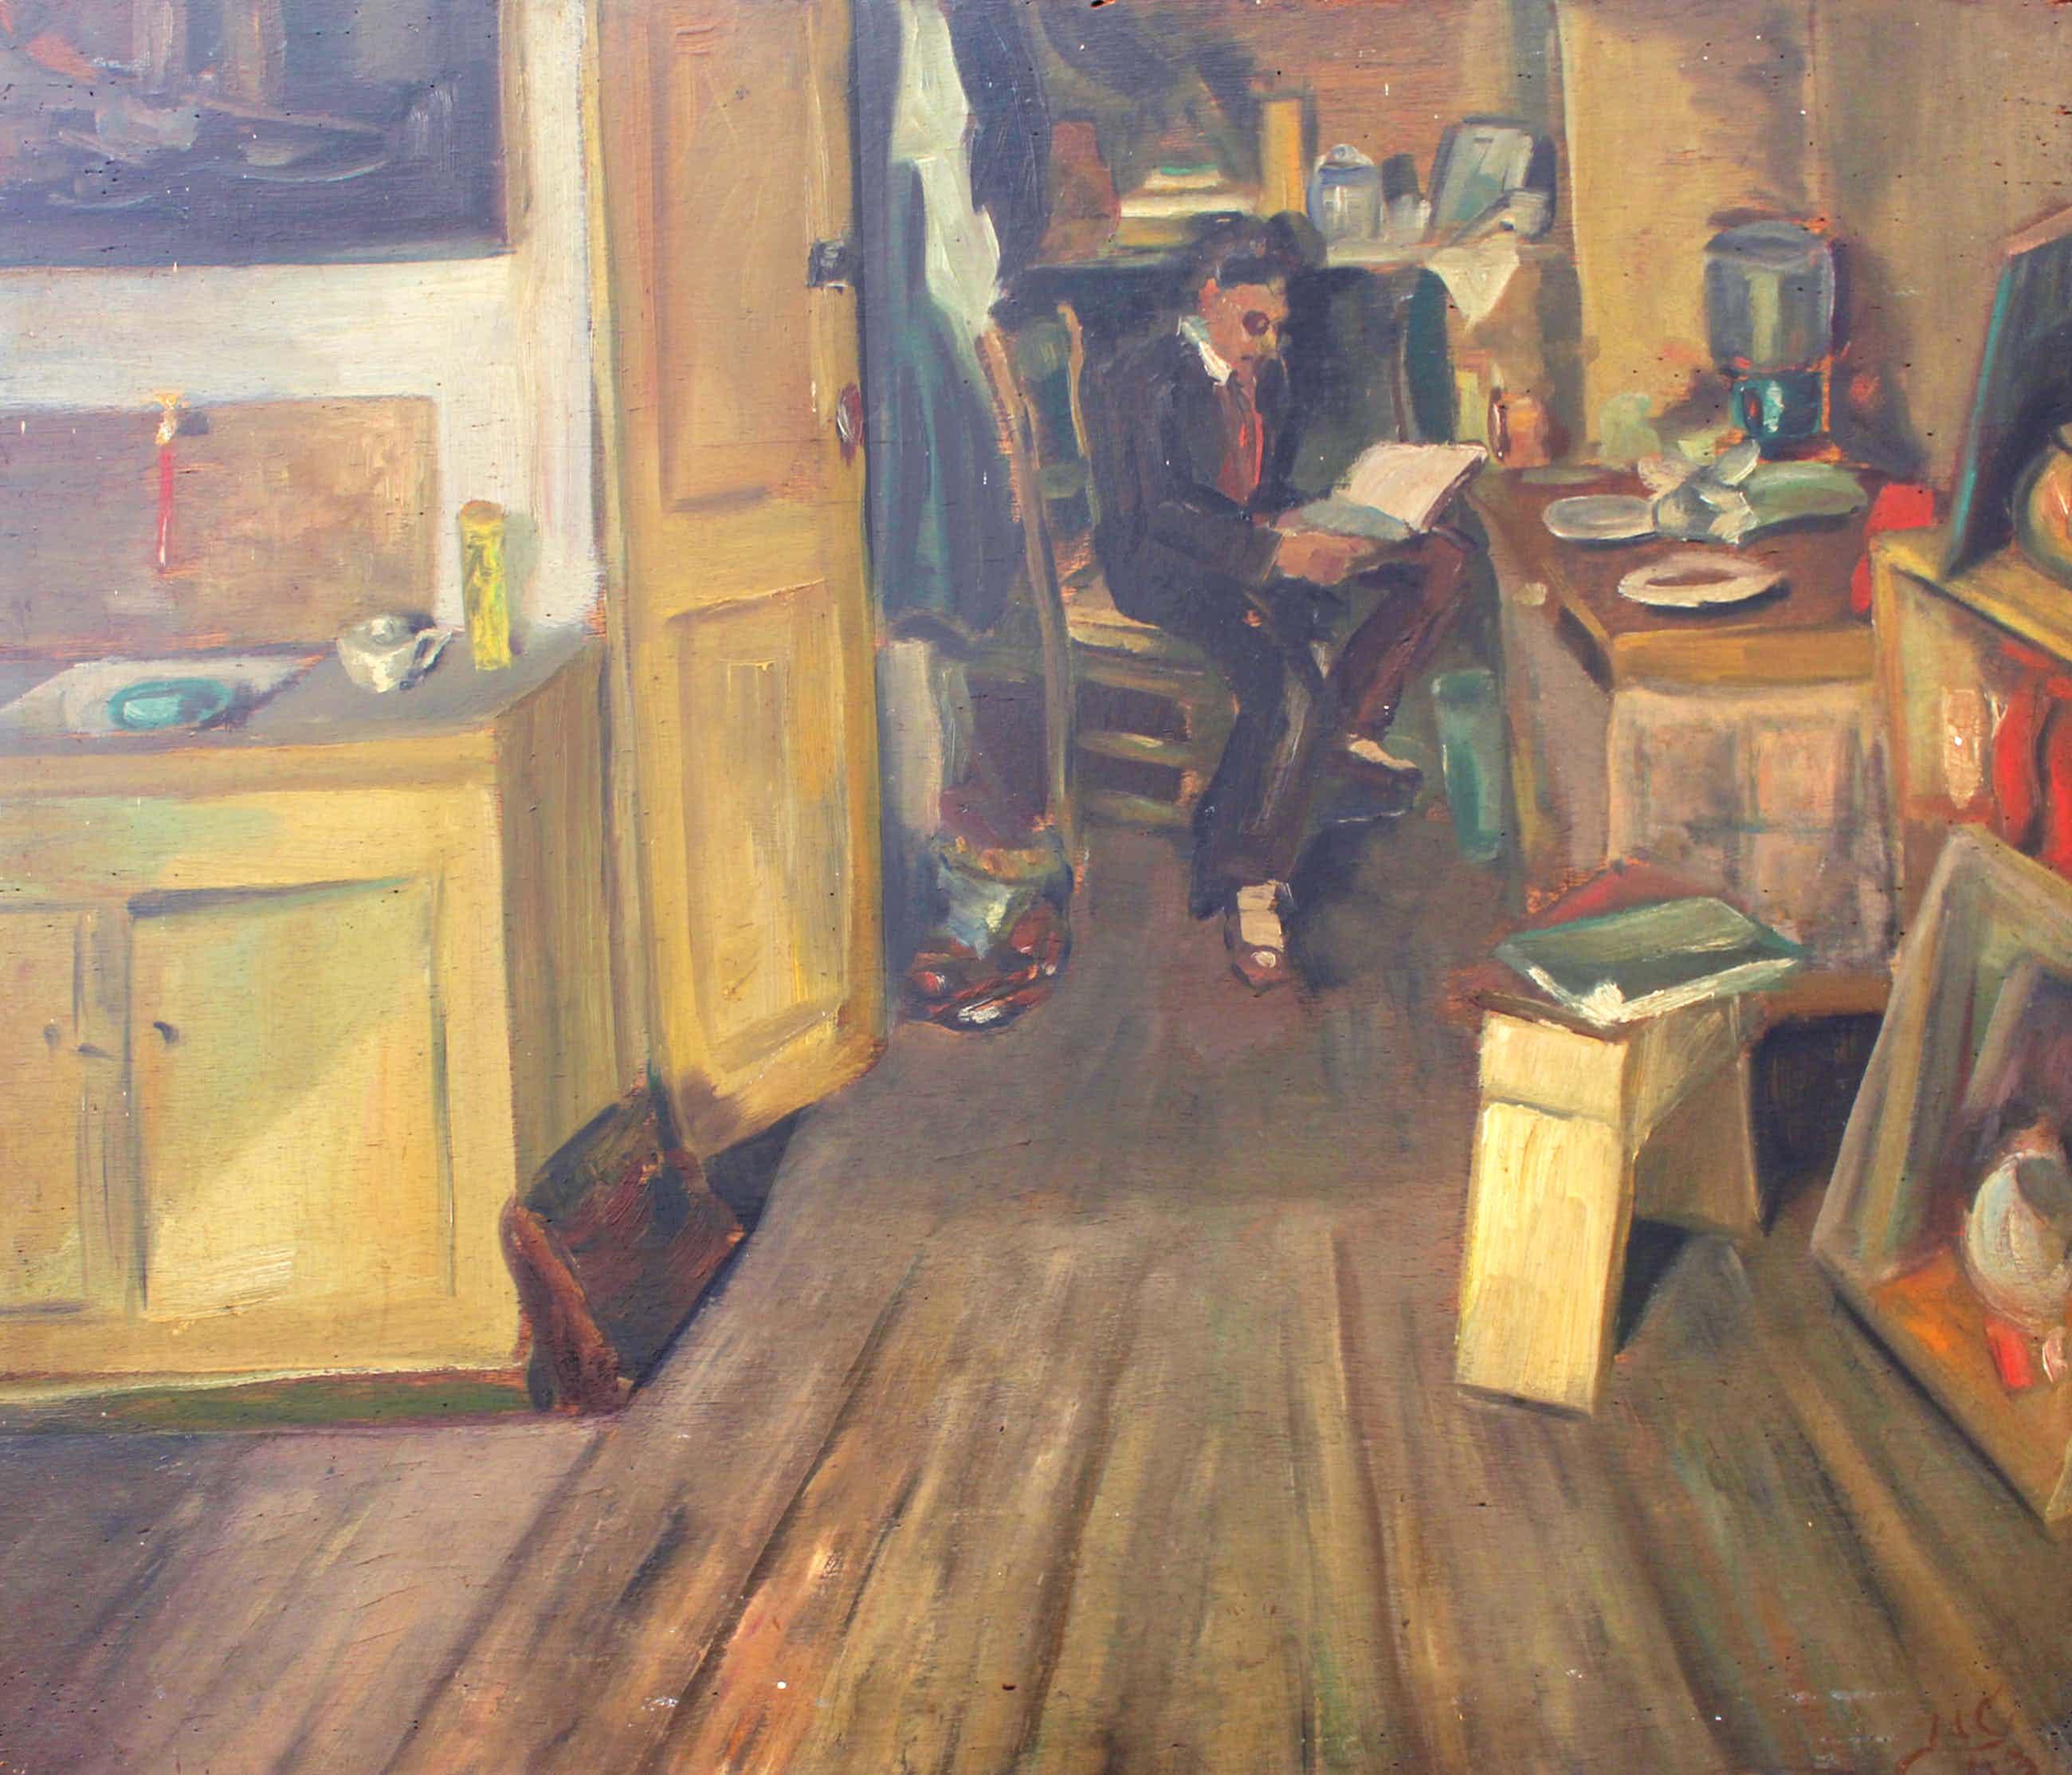 Jaap de Carpentier - schilderij - 'Mijn Basis in Amsterdam' - 1943 kopen? Bied vanaf 275!